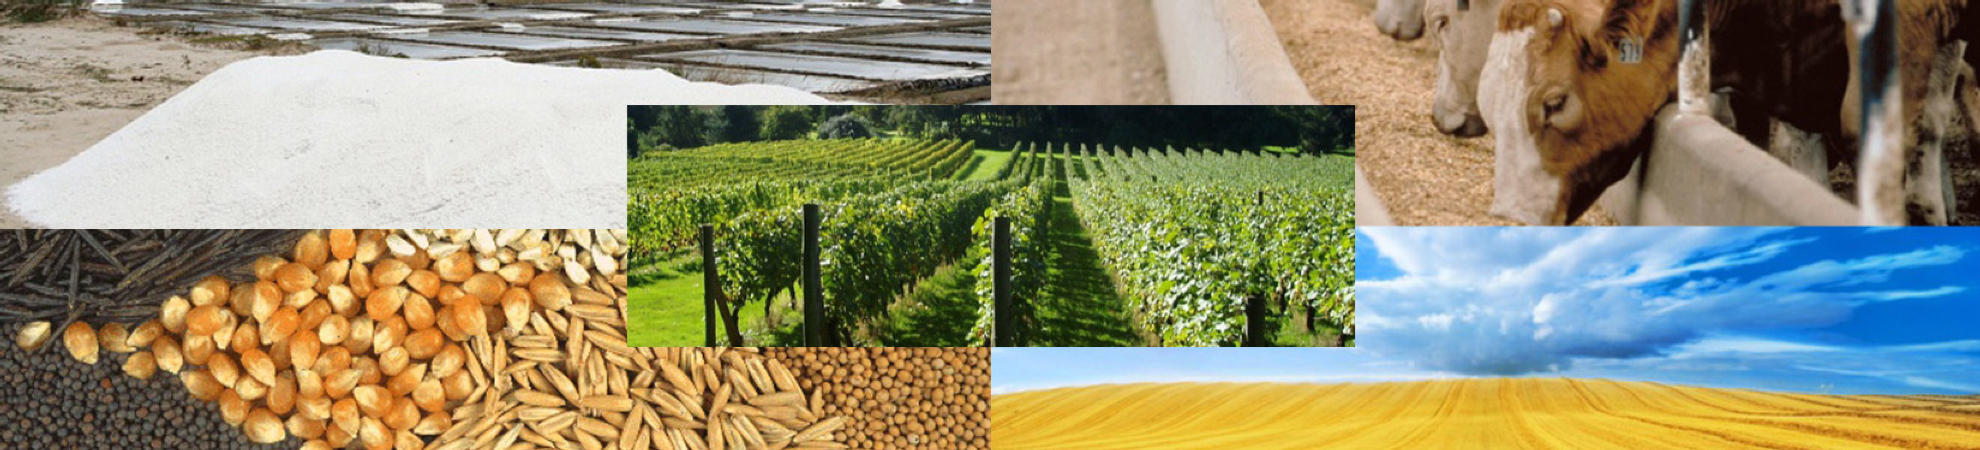 Vse za kmetijstvo na enem mestu  PREBERI VEČ